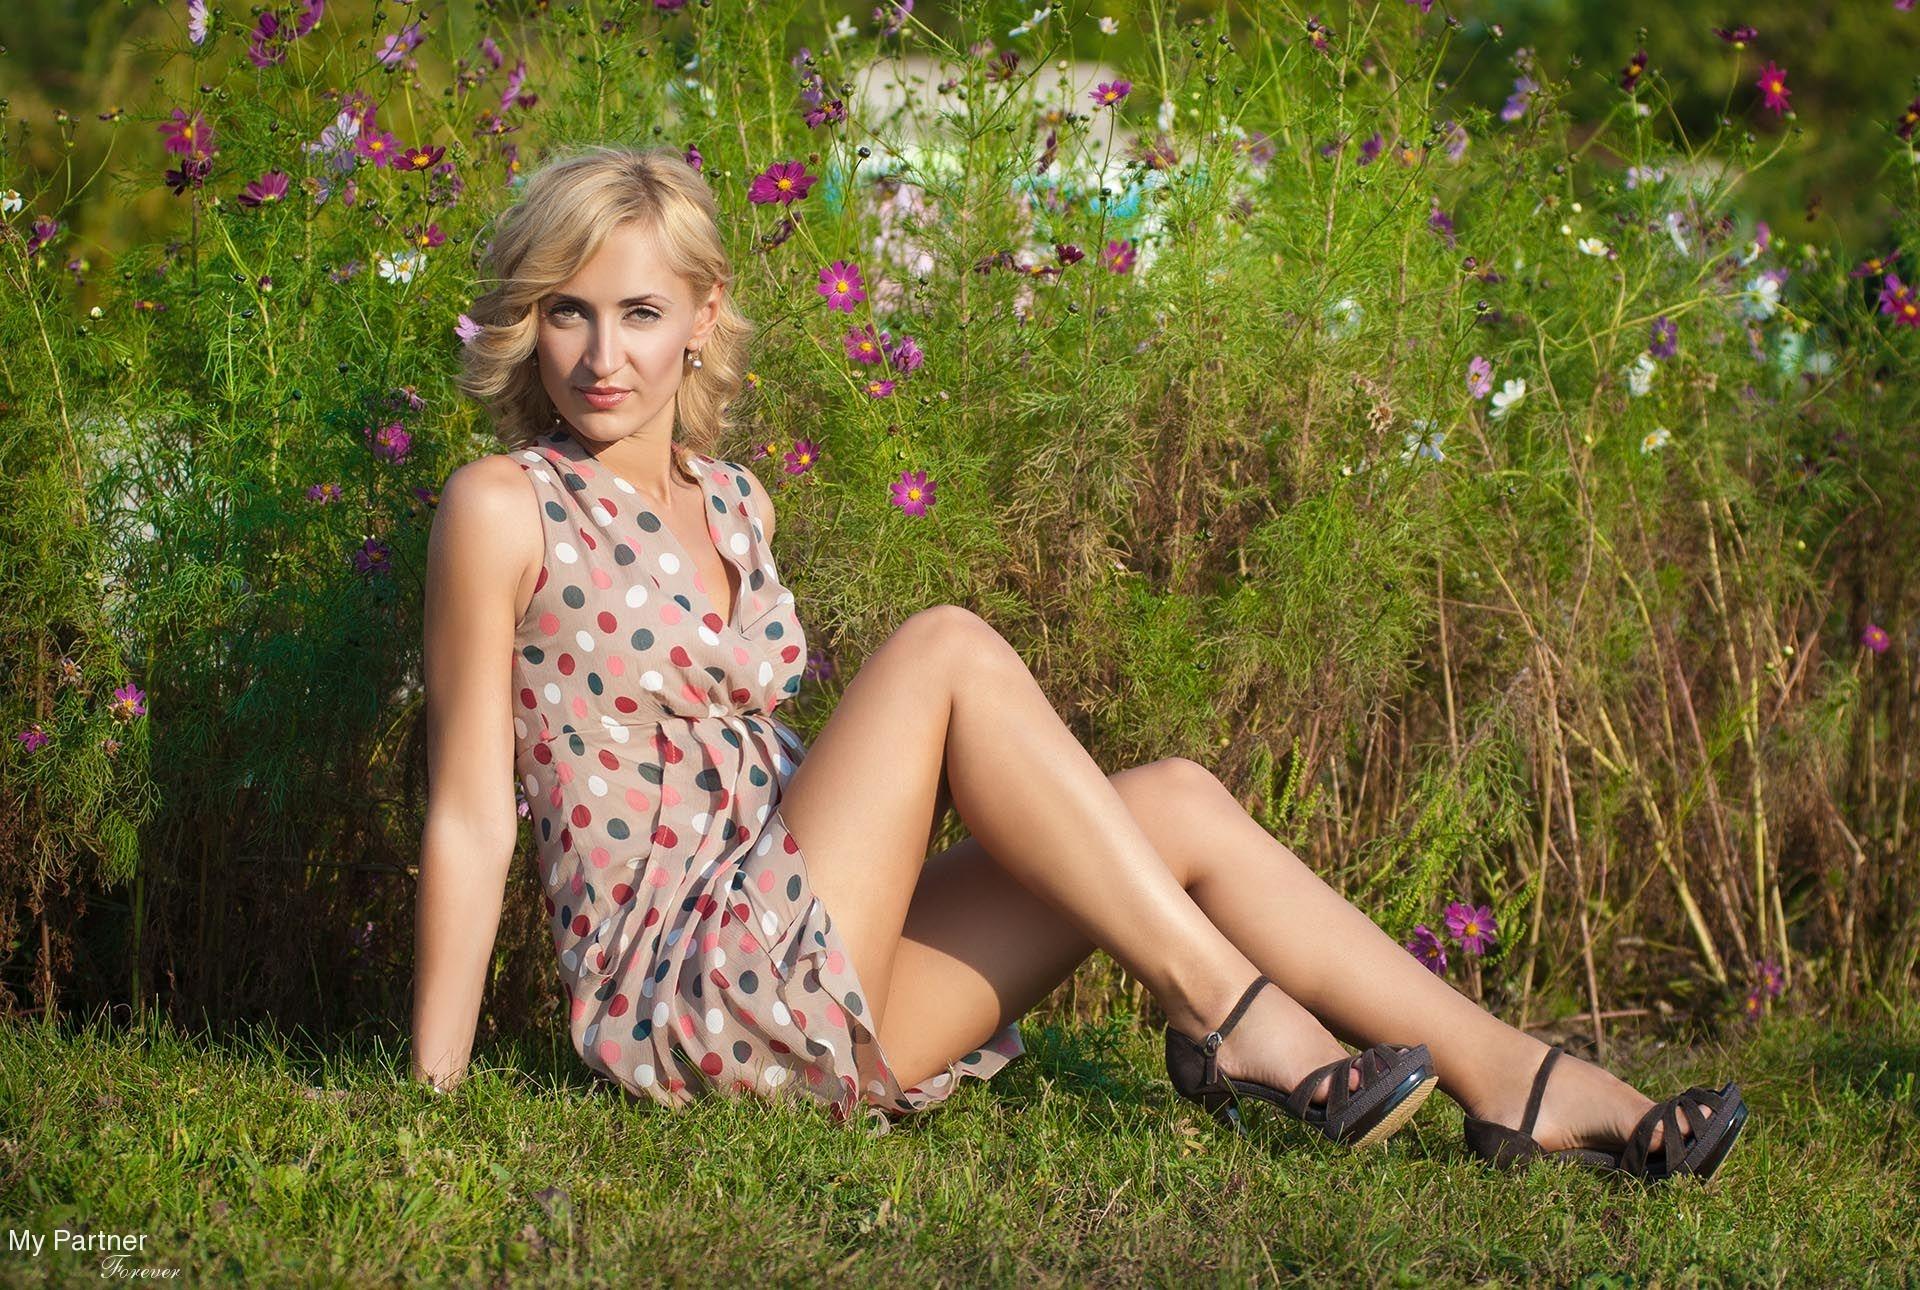 Ukraine women doing porn, girls next door playboy pictures naked